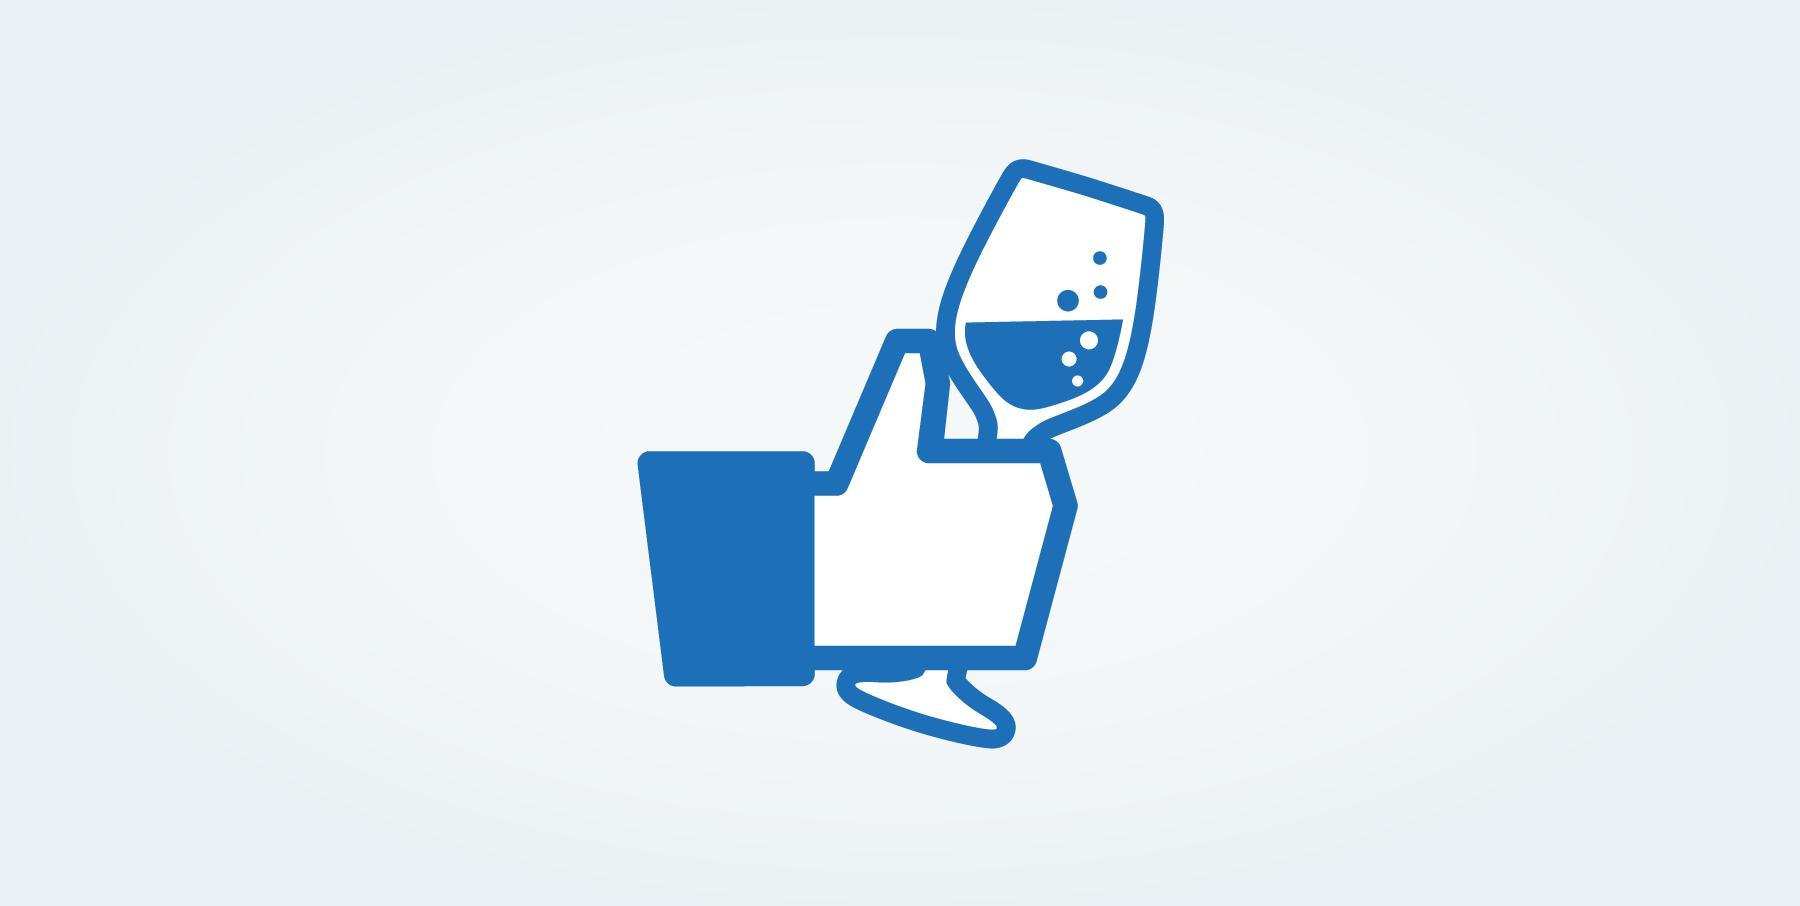 Facebook per il vino: massimizzare la resa con minimo investimento